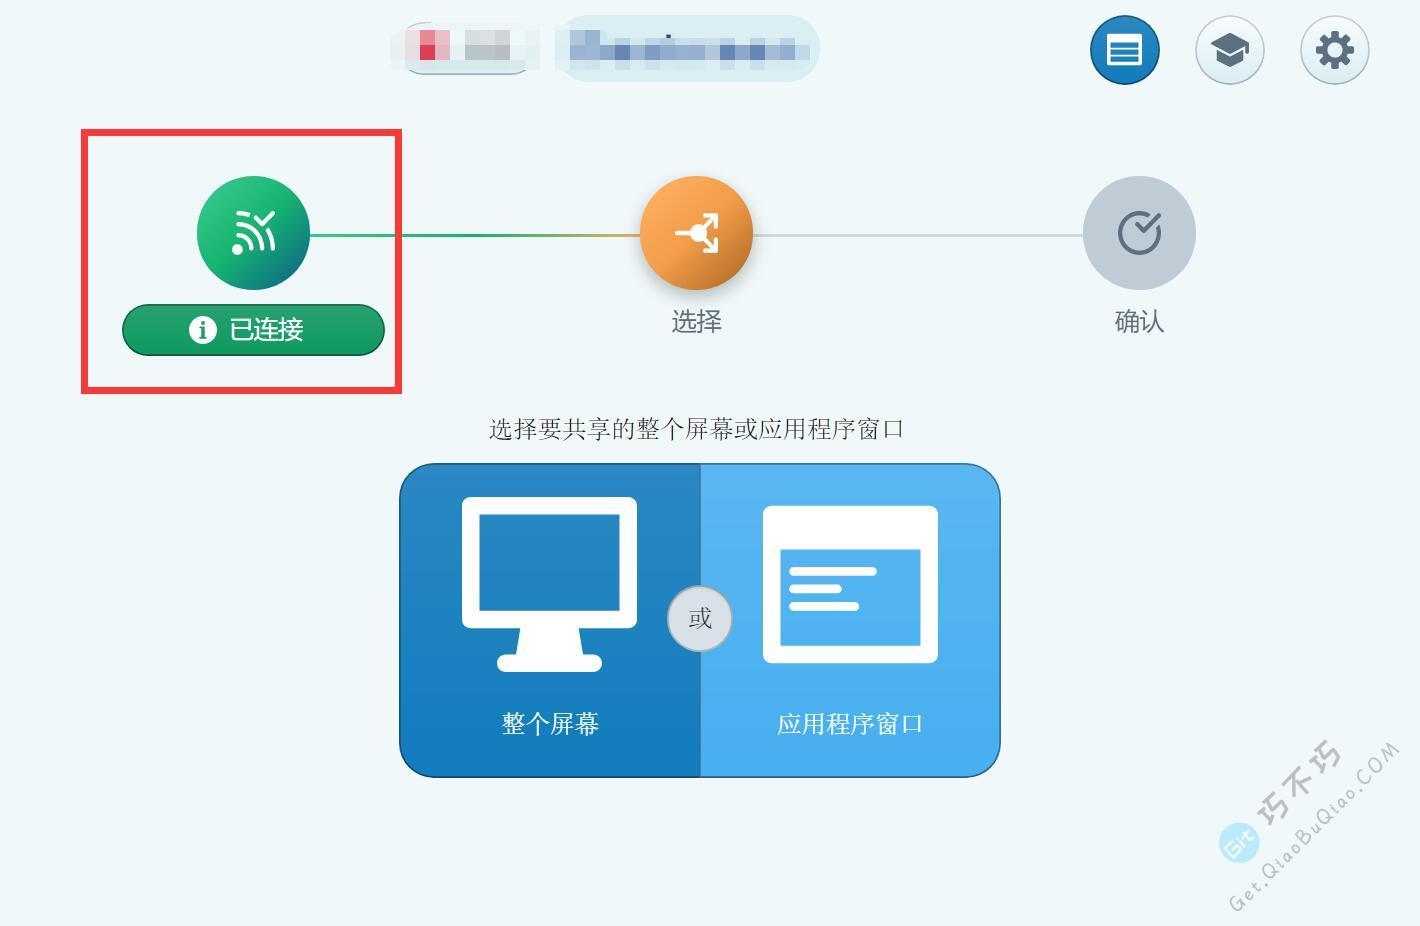 一款虚拟网络显示器软件,让手机、ipad平板设备充当主机的屏幕,支持加装伪显示器设置为副屏